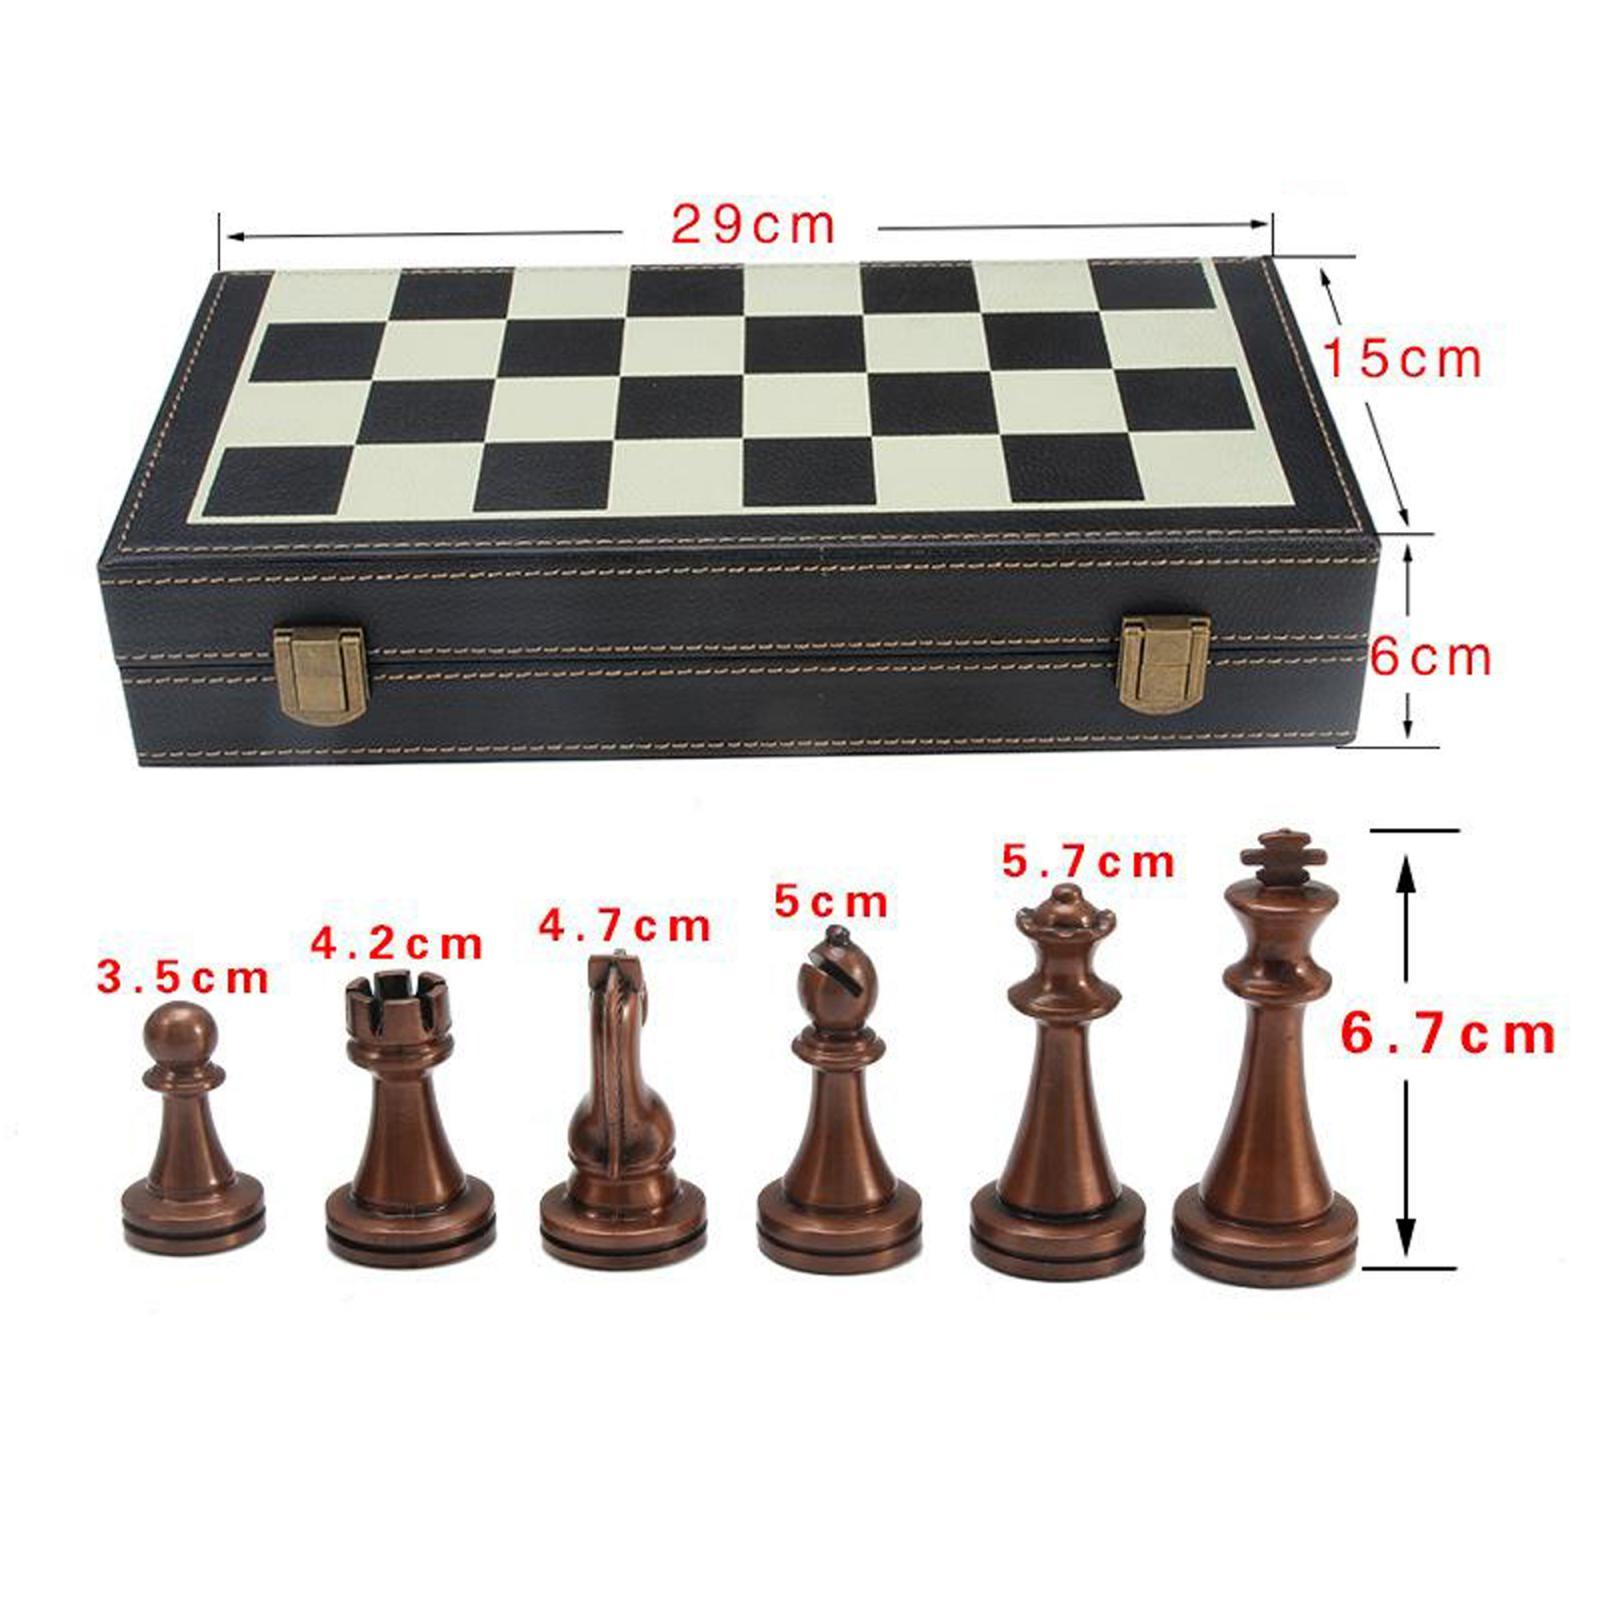 Piezas metálicas y Tablero de ajedrez plegado